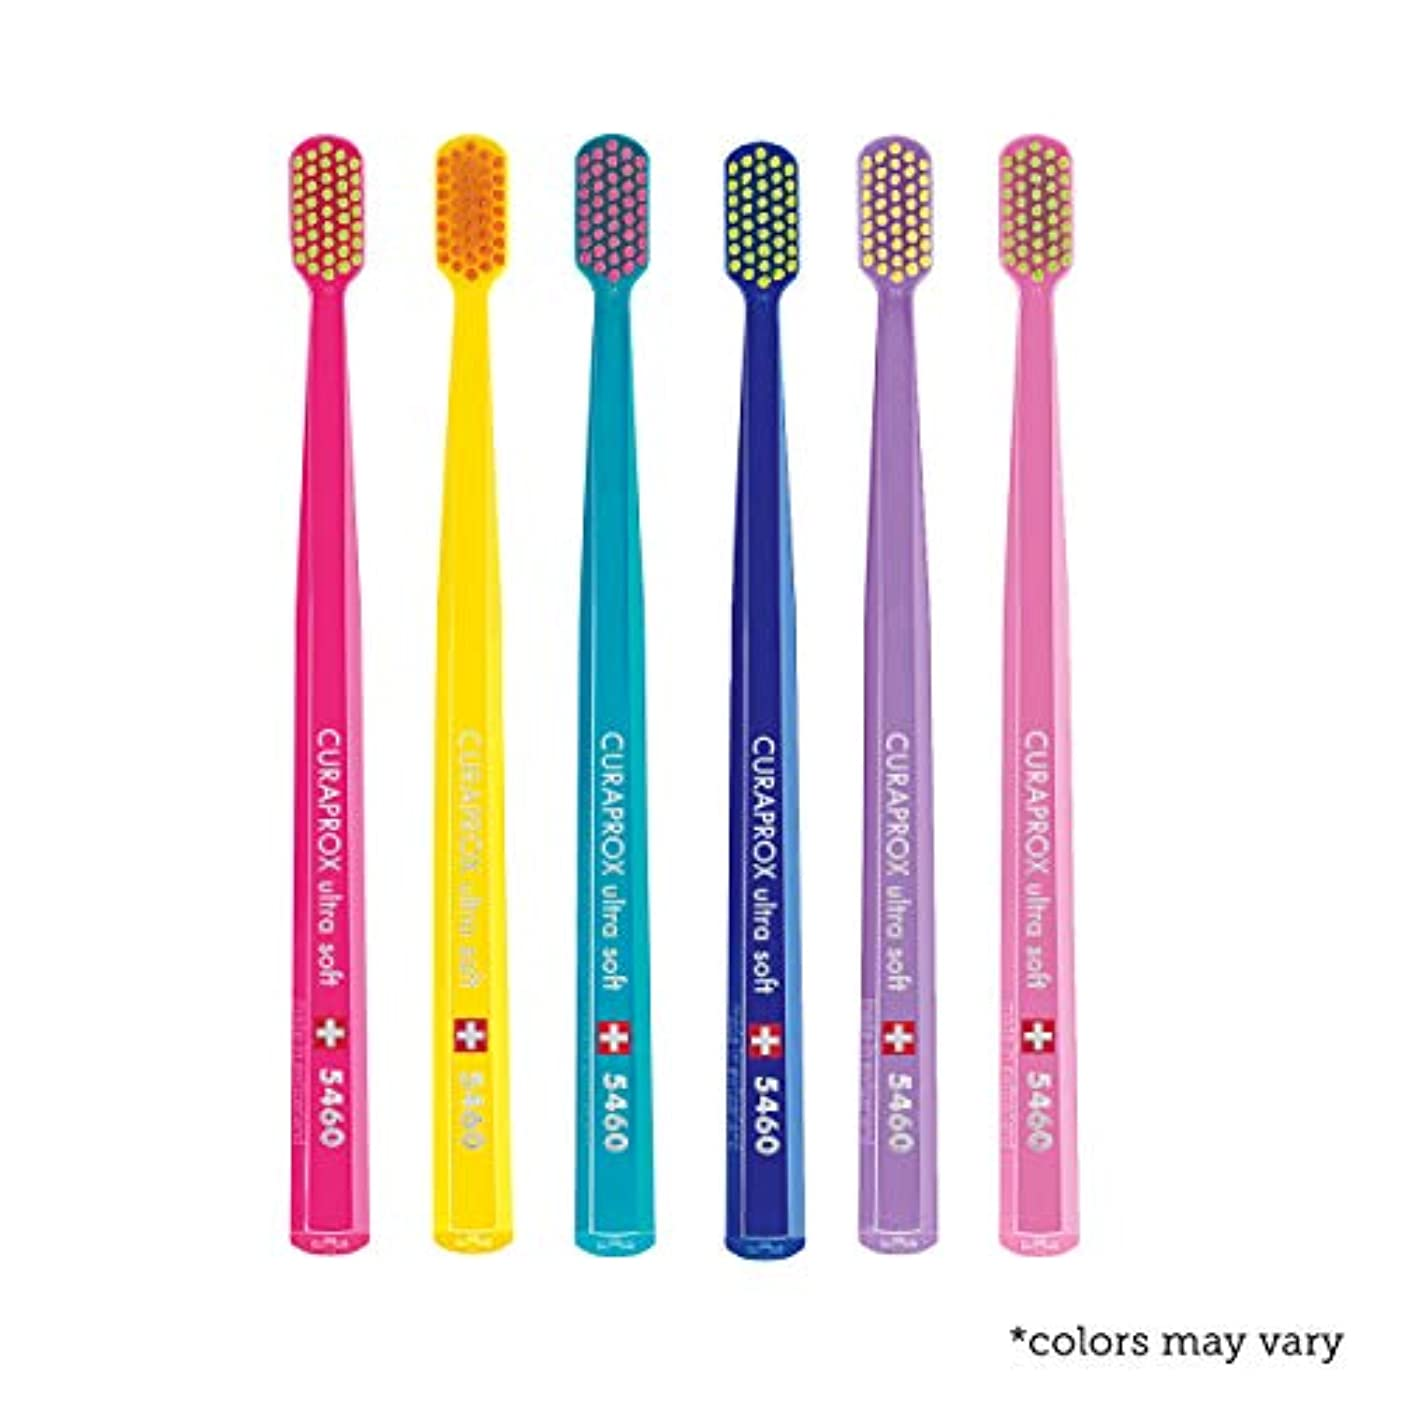 相談鉛筆コンドームUltra soft toothbrush, 6 brushes, Curaprox Ultra Soft 5460. Softer feeling & better cleaning, in amazing vivid...